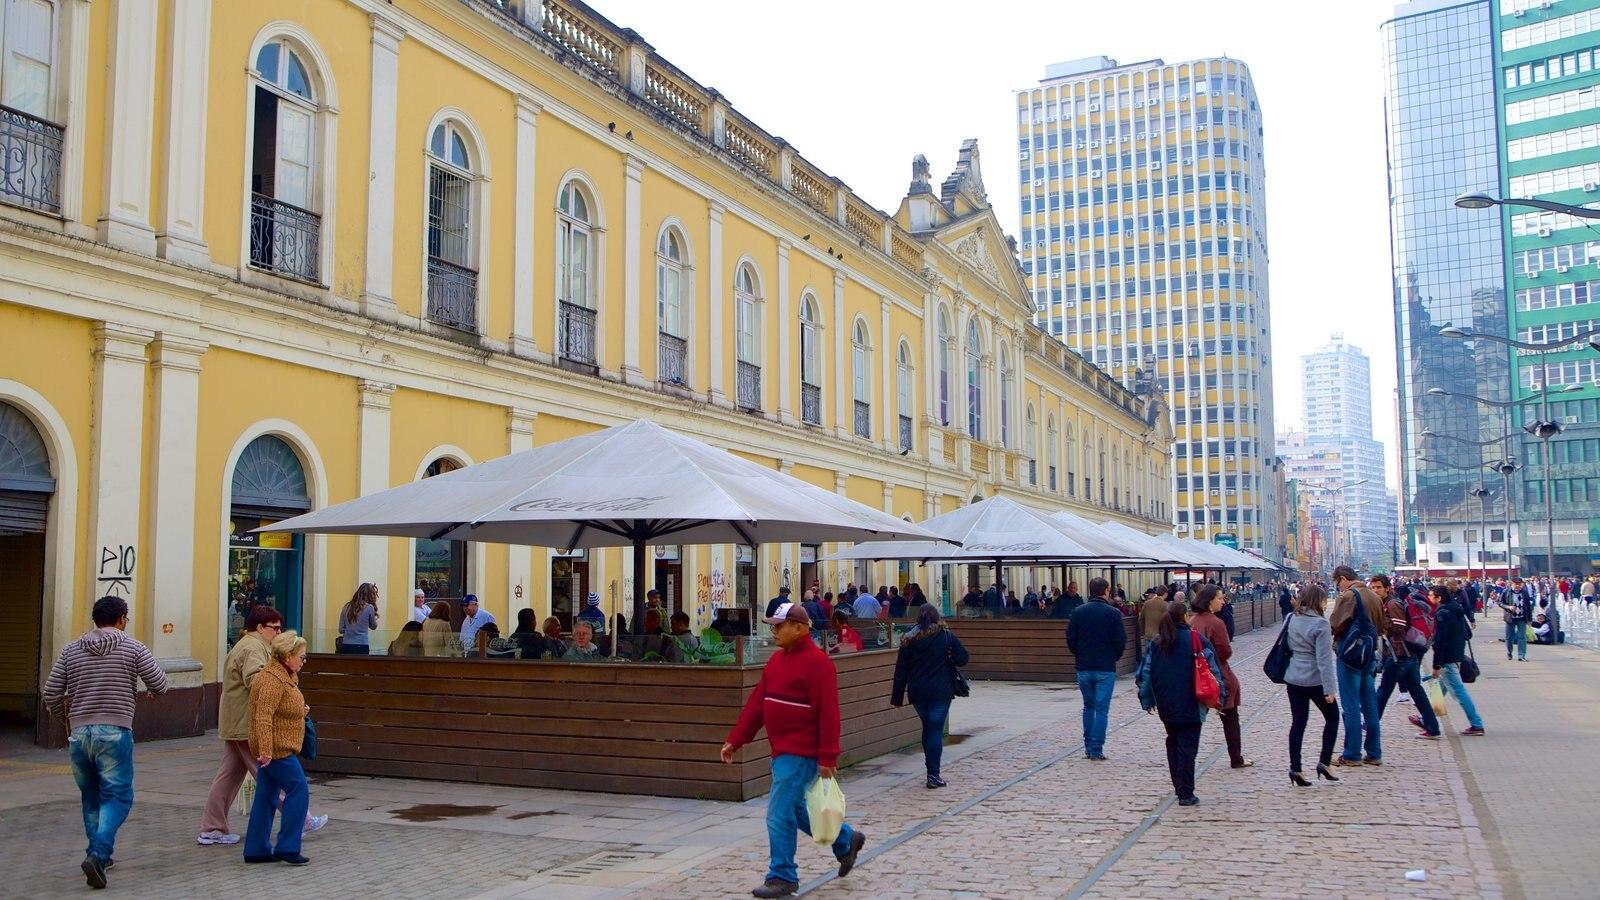 Mercado Público caracterizando uma praça ou plaza, estilo de vida de cafeteria e um arranha-céu